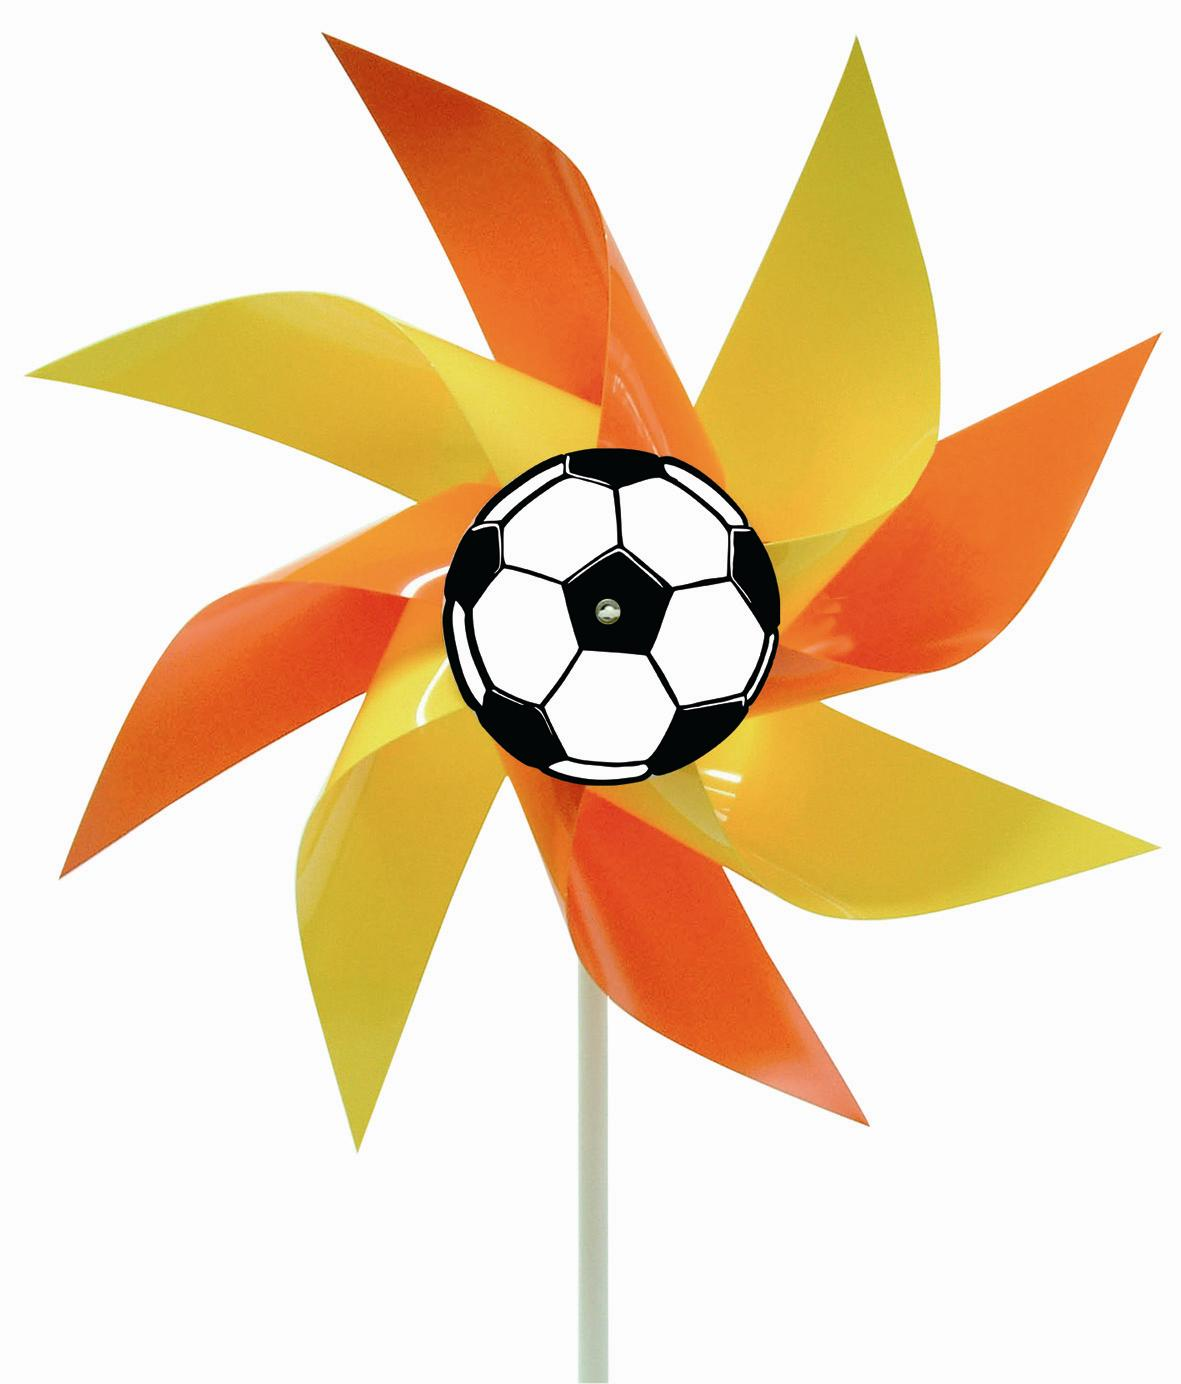 Werbeartikel: Windmühlen, Fahrrad-windmühlen,=Windmühlen aus Kunststoff